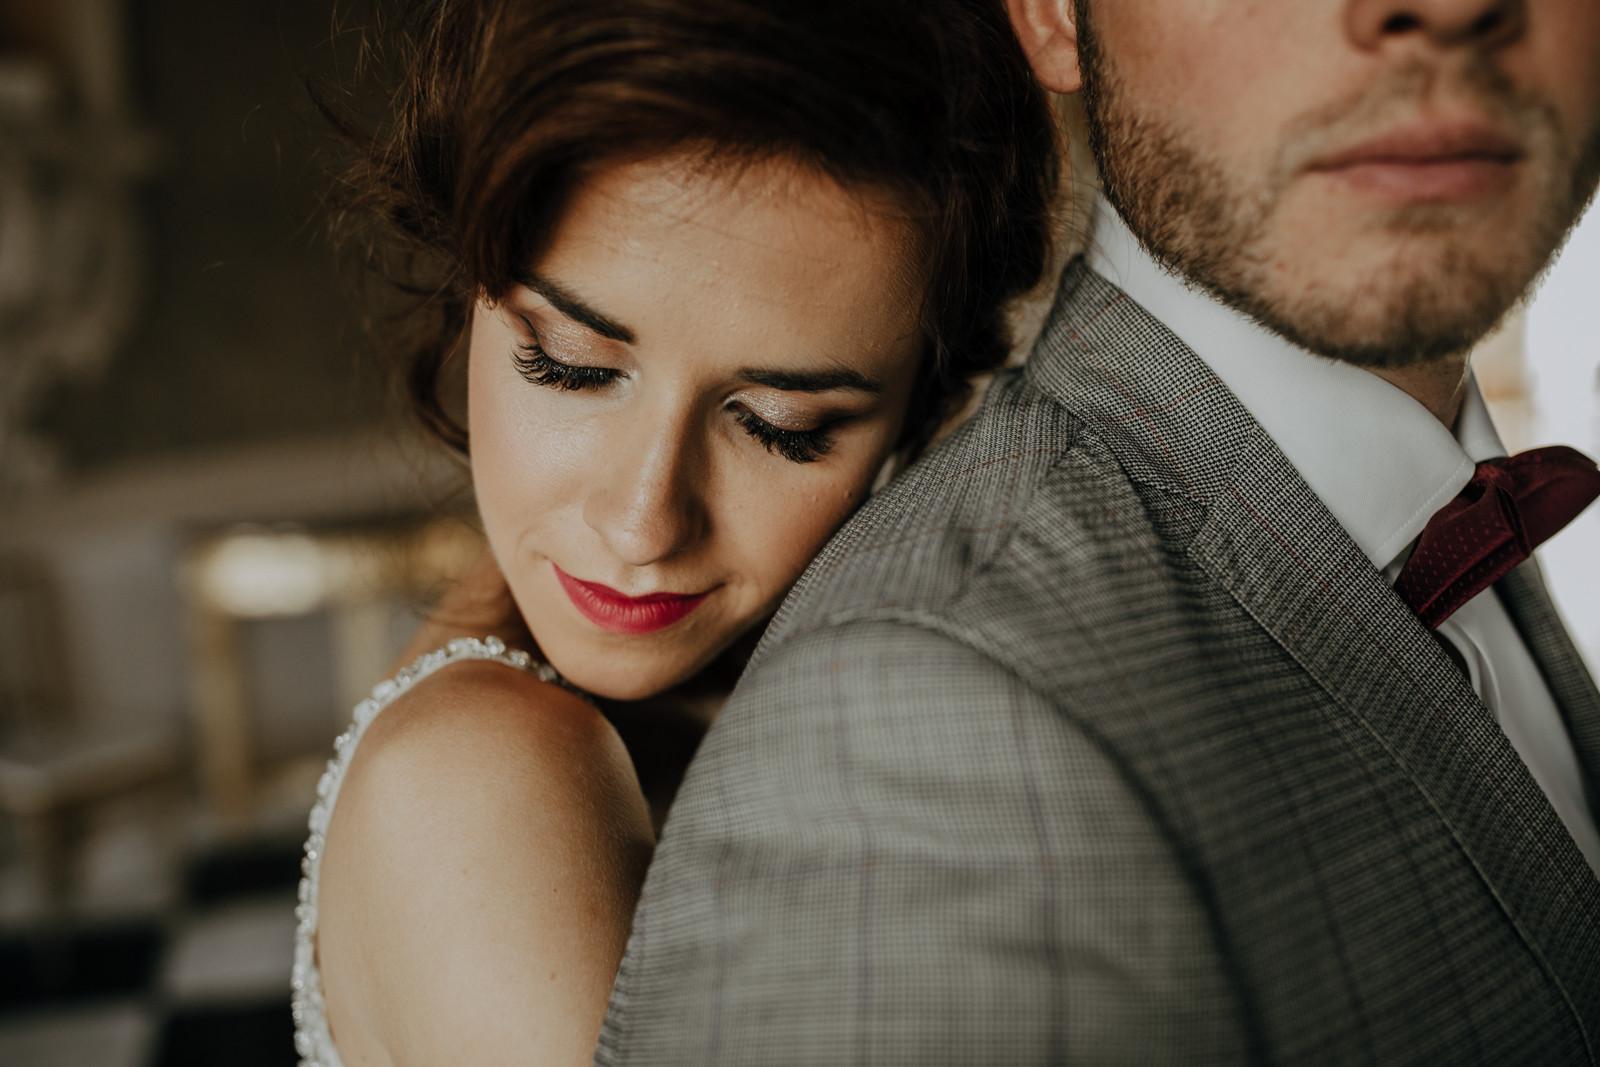 panna młoda przytula się do pana młodego, sesja ślubna Pałac Otwock Wielki, Muzeum Wnętrz w Otwocku Wielkim, fotograf ślubny Warszawa